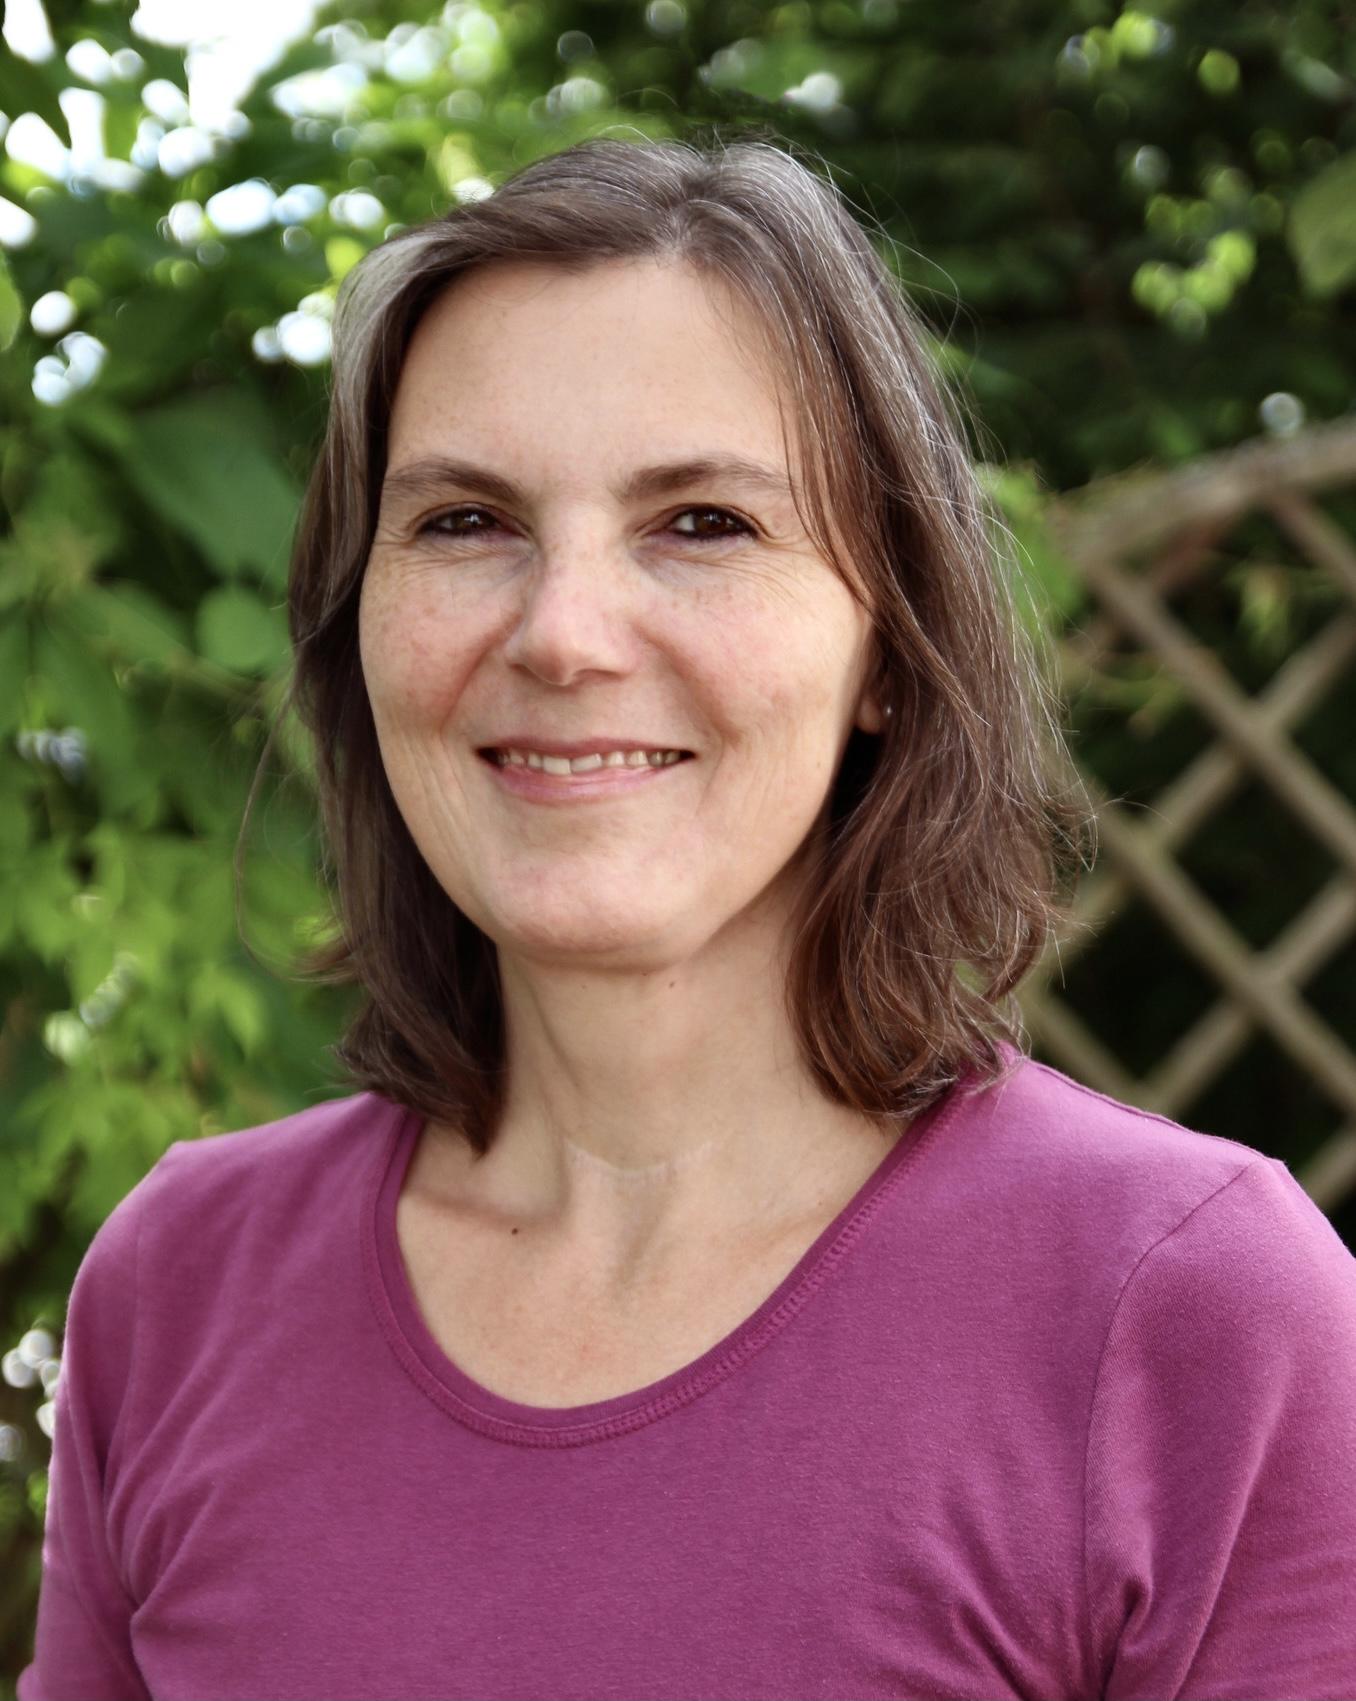 Andrea Kopp